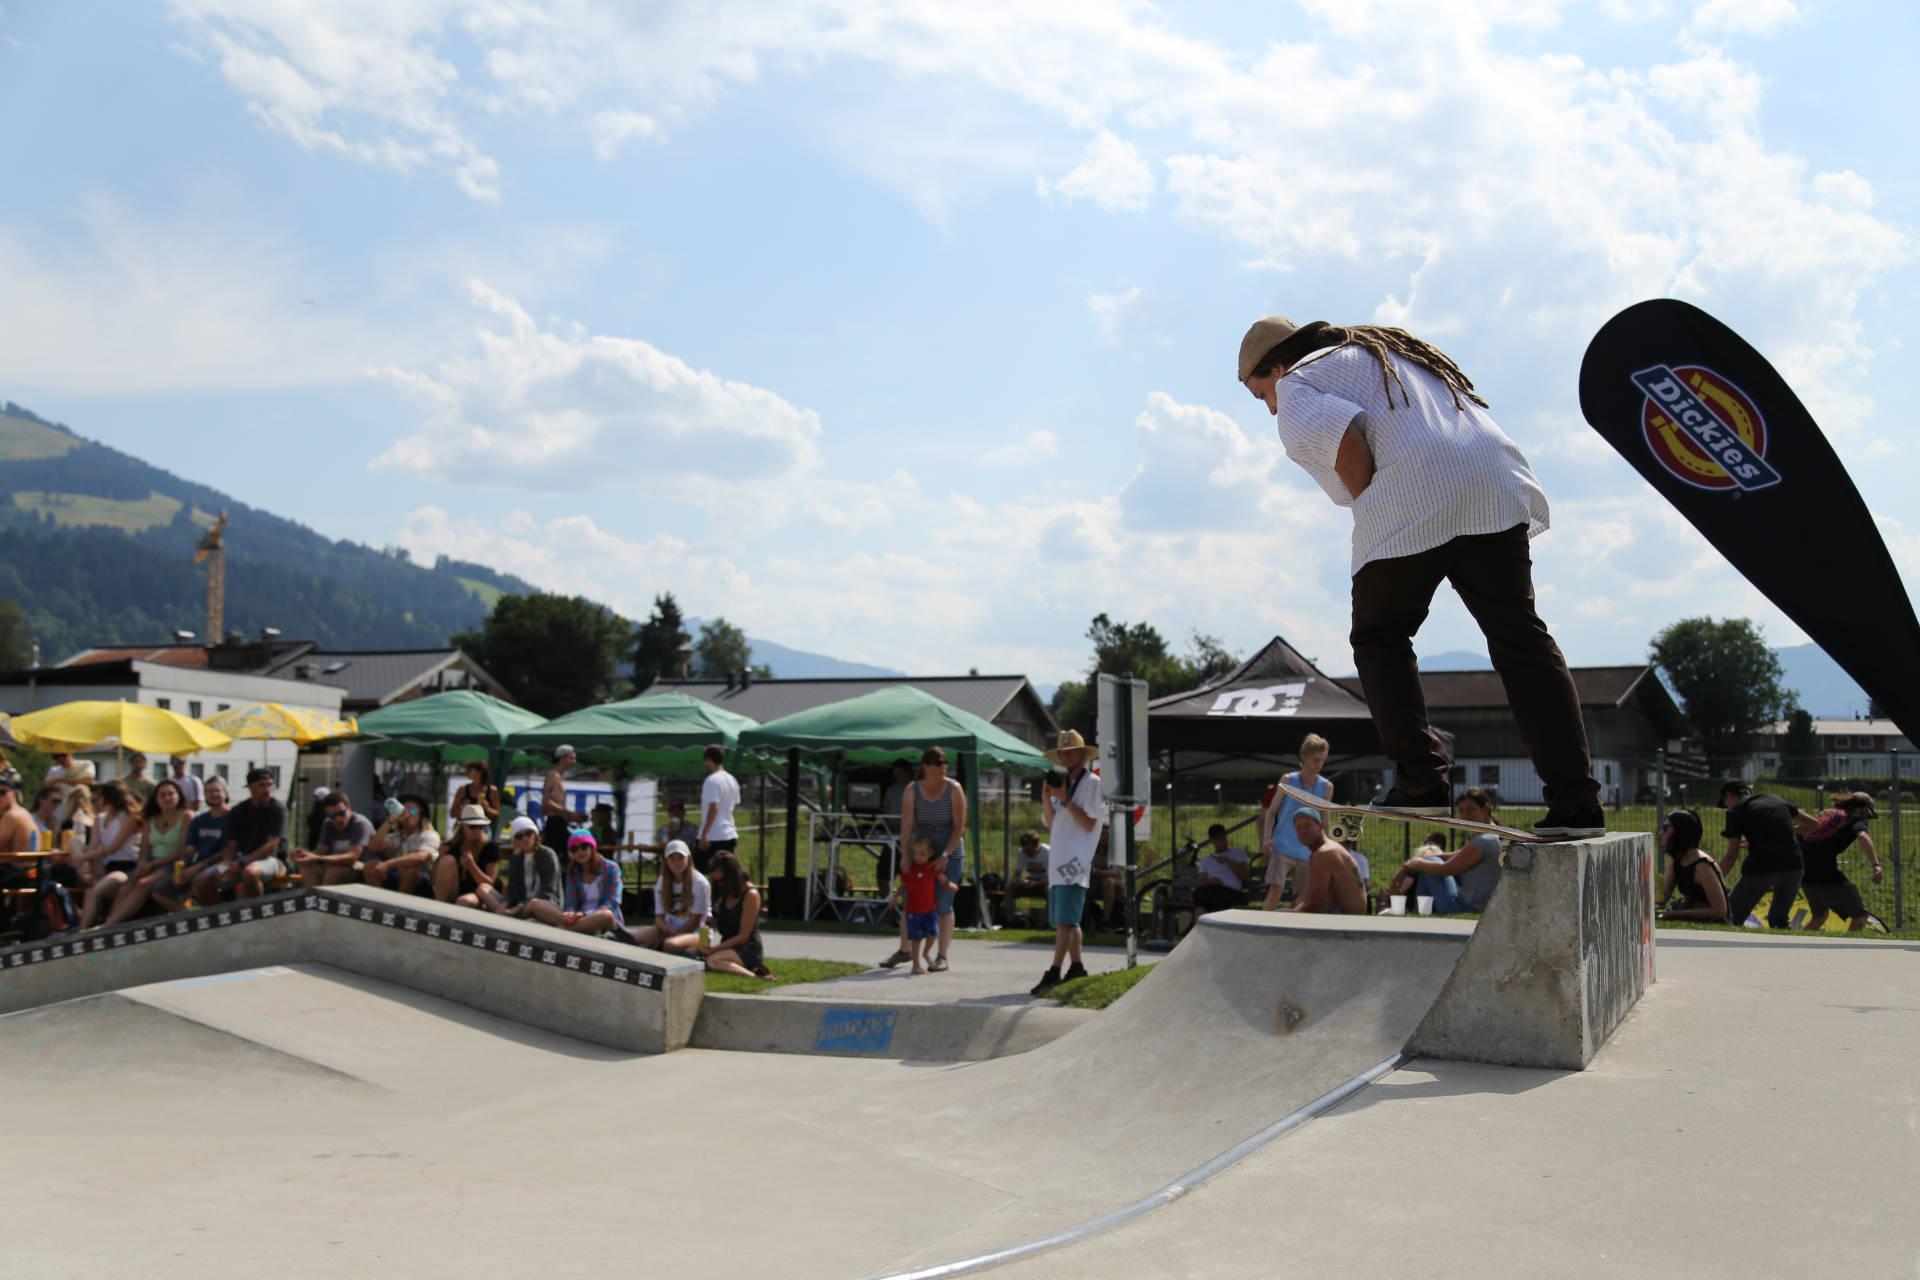 skateboardheadz st johann in tirol kgt 2019 finale 00138